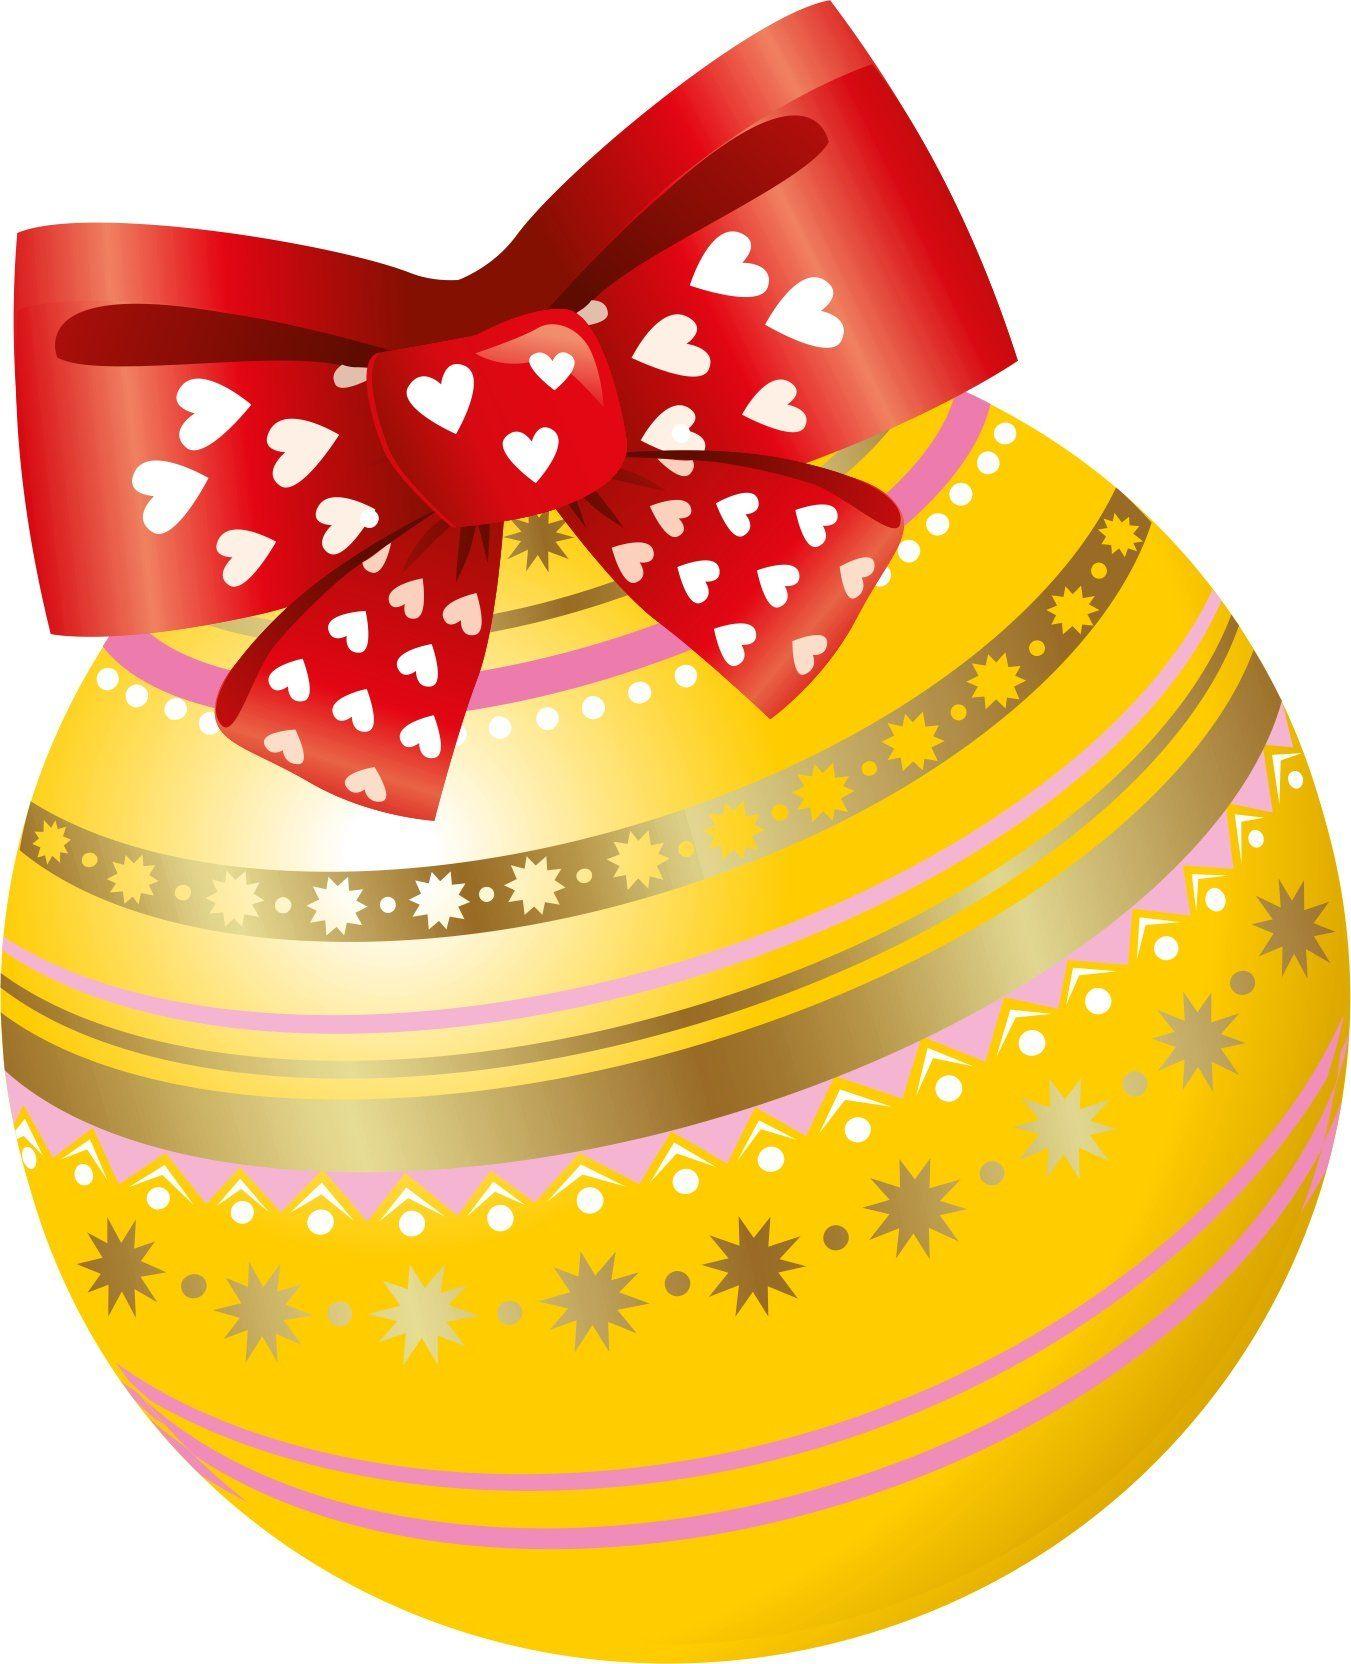 Мини-плакат вырубной Желтый новогодний шар: 100х116 ммНовогодние украшения<br>.<br><br>Год: 2017<br>Серия: Вырубные фигуры для оформления<br>Высота: 116<br>Ширина: 100<br>Переплёт: набор